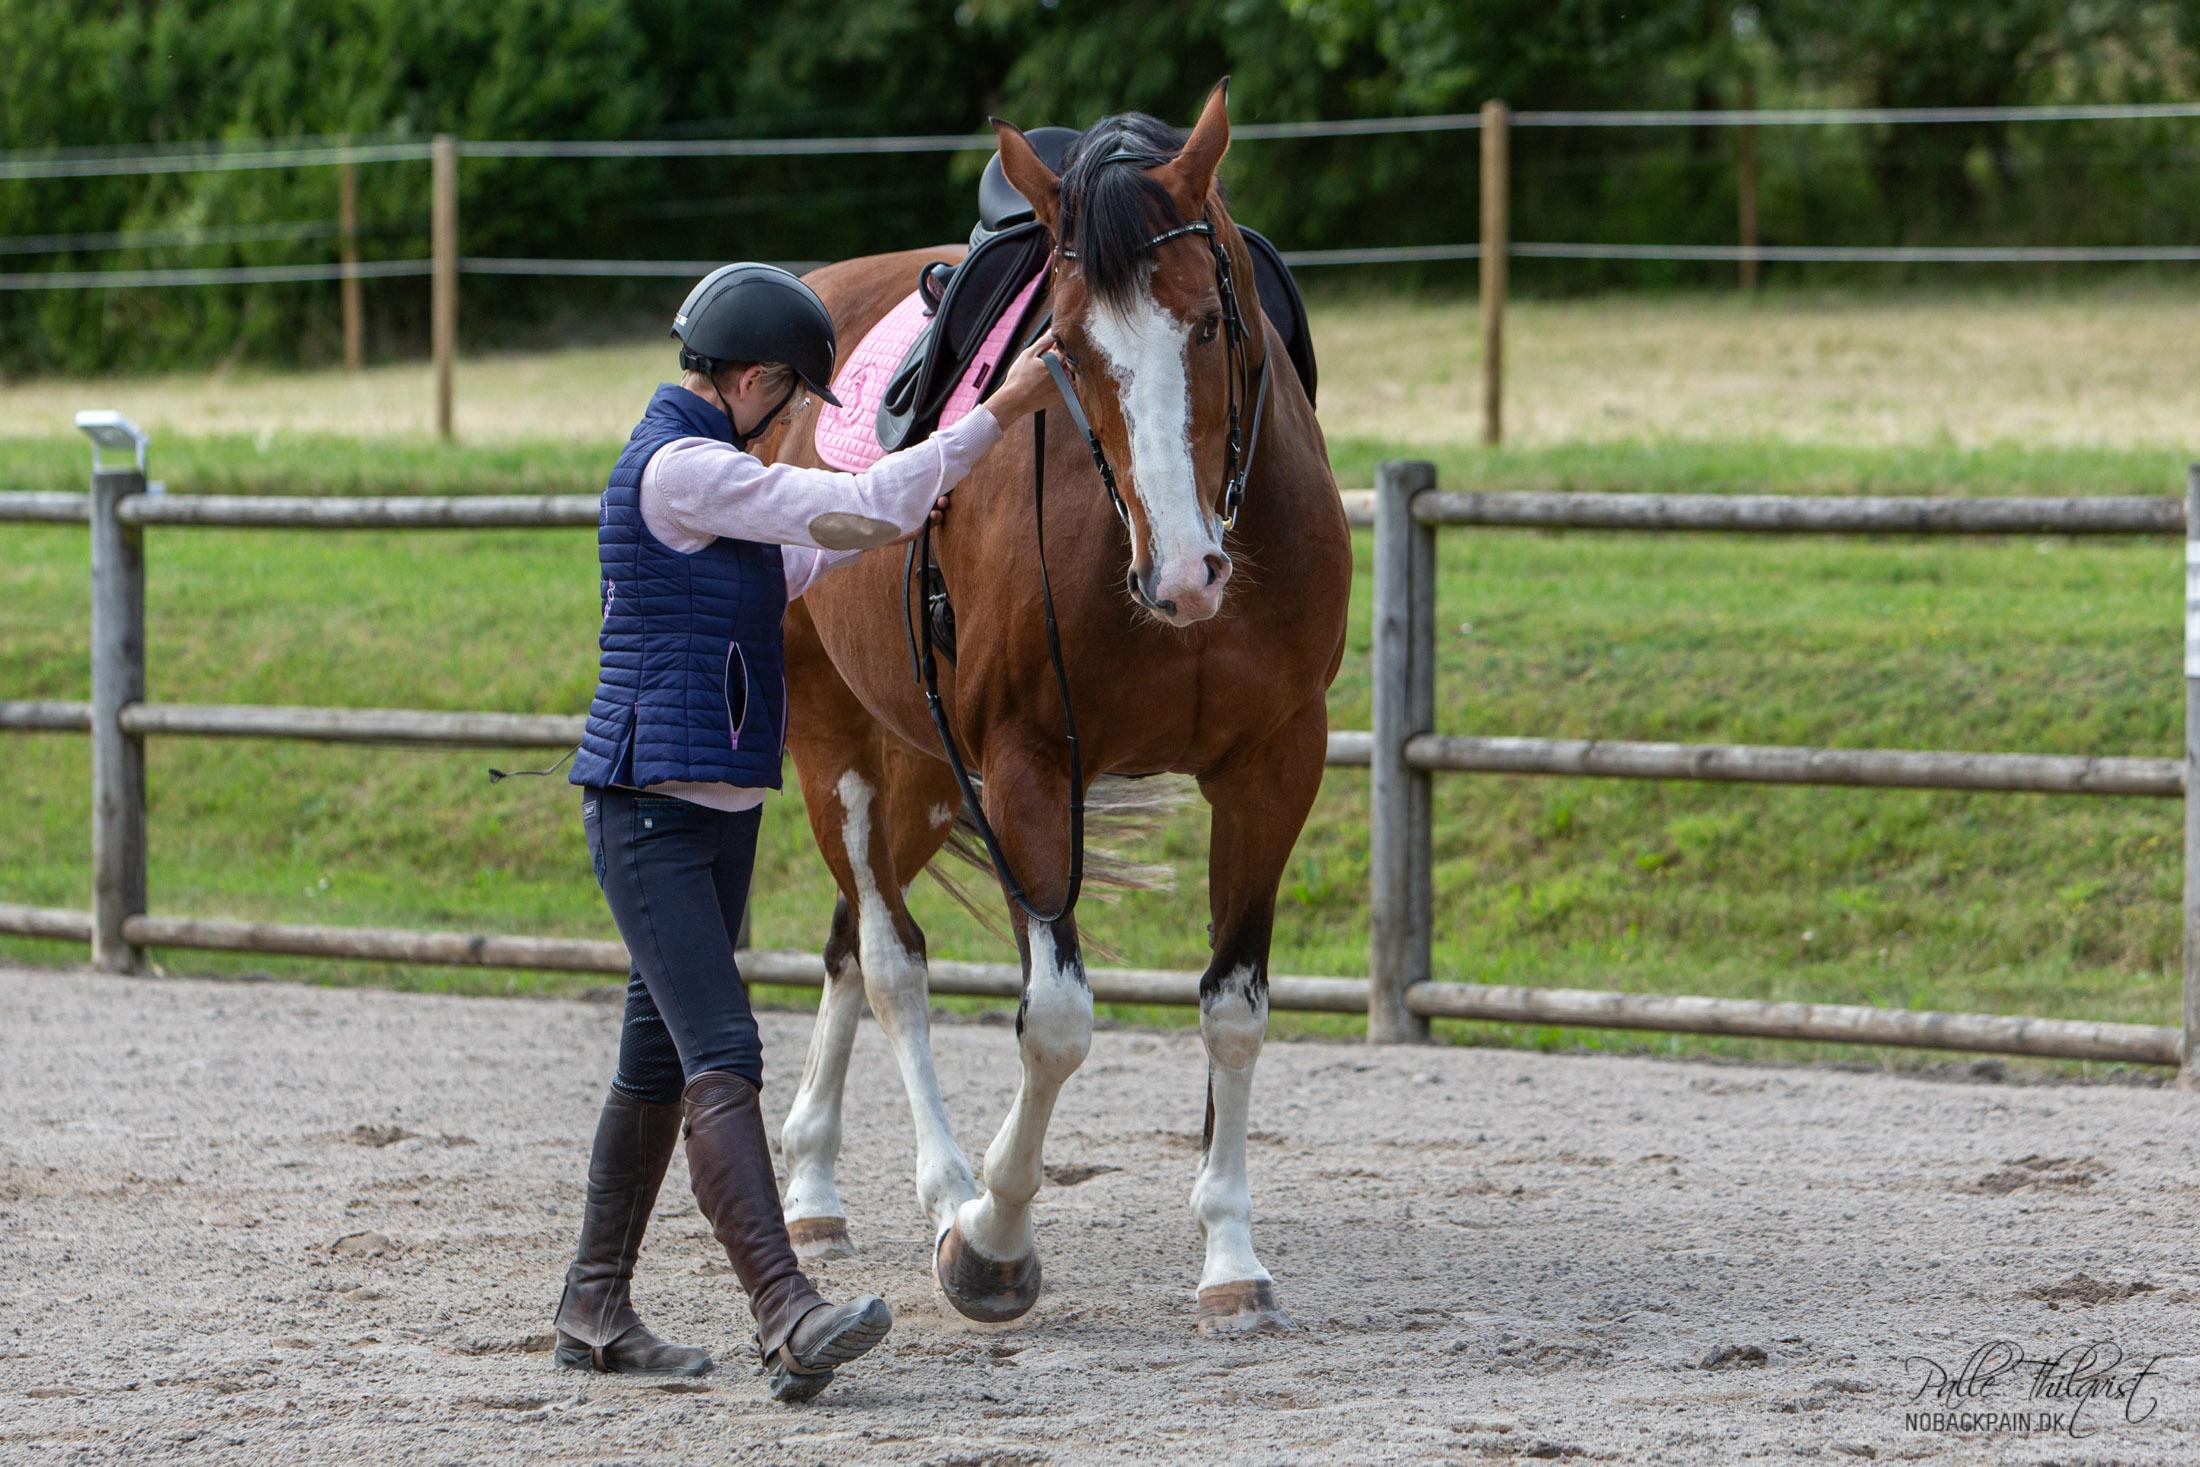 Hvis hesten, når den strækker sig, begynder at skubbe med skulderen, stiller sig ud af volten, forbøjer sig ind i volten eller skyder bagparten ind i volten, så løfter jeg den indvendige hånd. Jeg fører hesten ud af strækket og retter den op og lader den derefter strække sig igen. Det nytter ikke noget at hesten strækker sig hvis hele overlinjen former sig som et S.